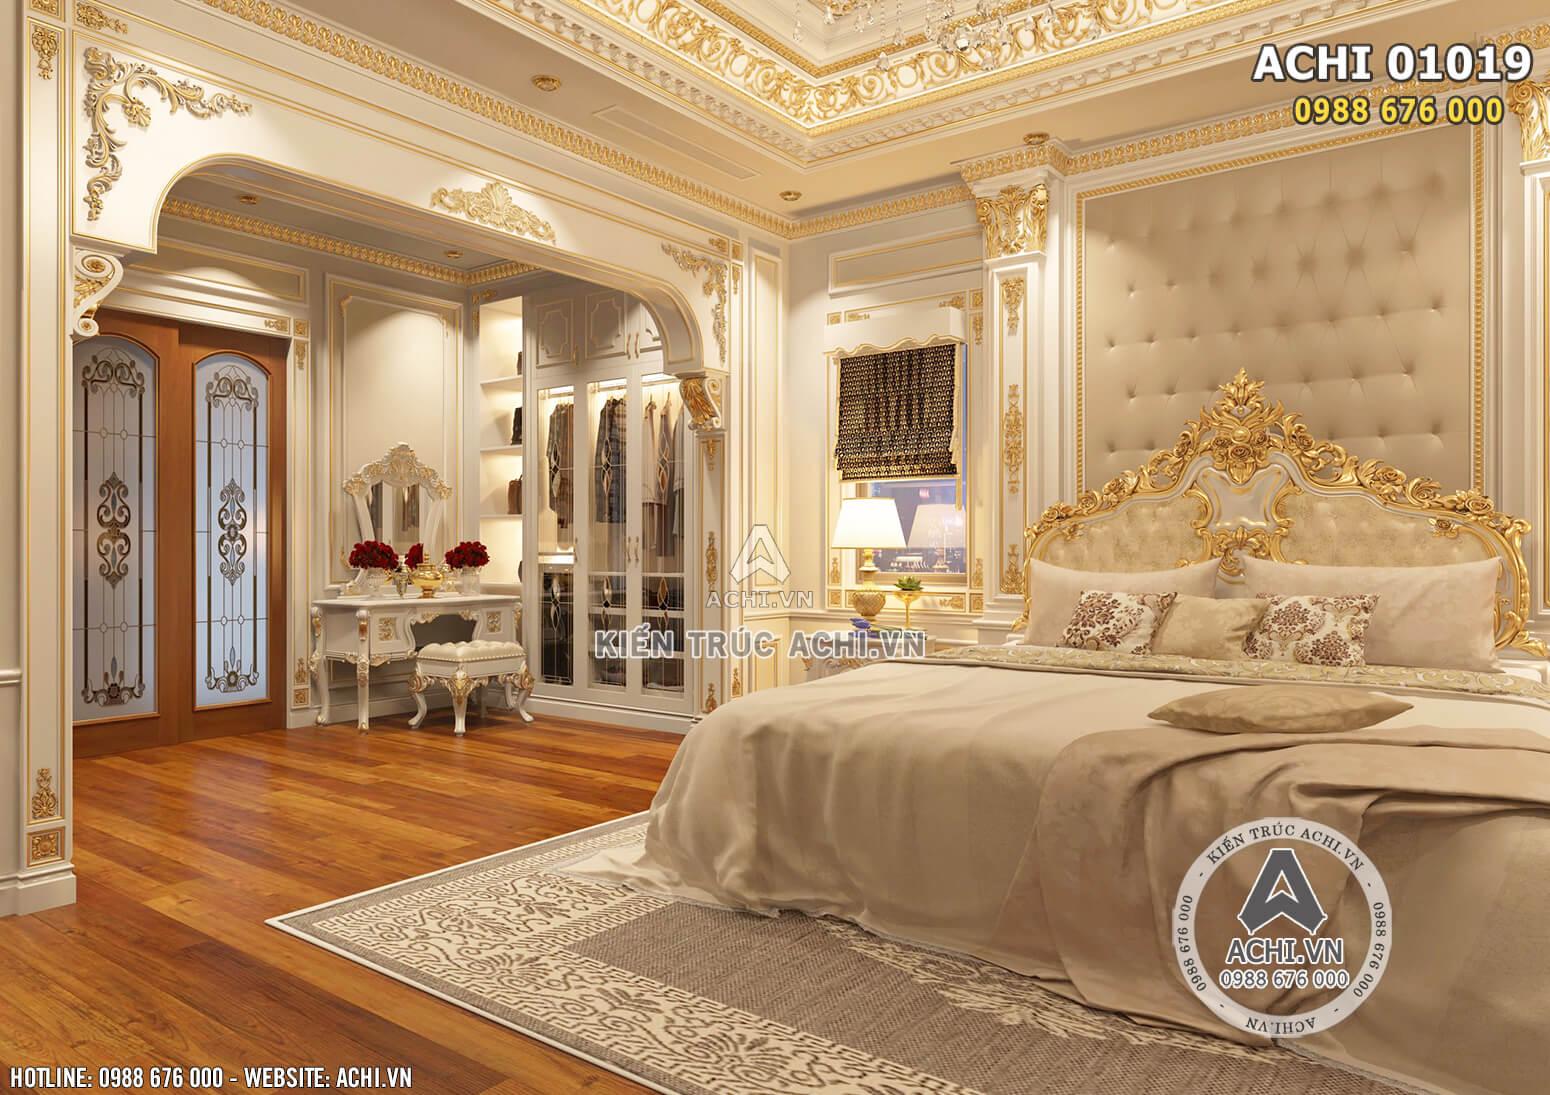 Hình ảnh: Các không gian tủ quần áo được thiết kế âm tường tạo sự gọn gàng